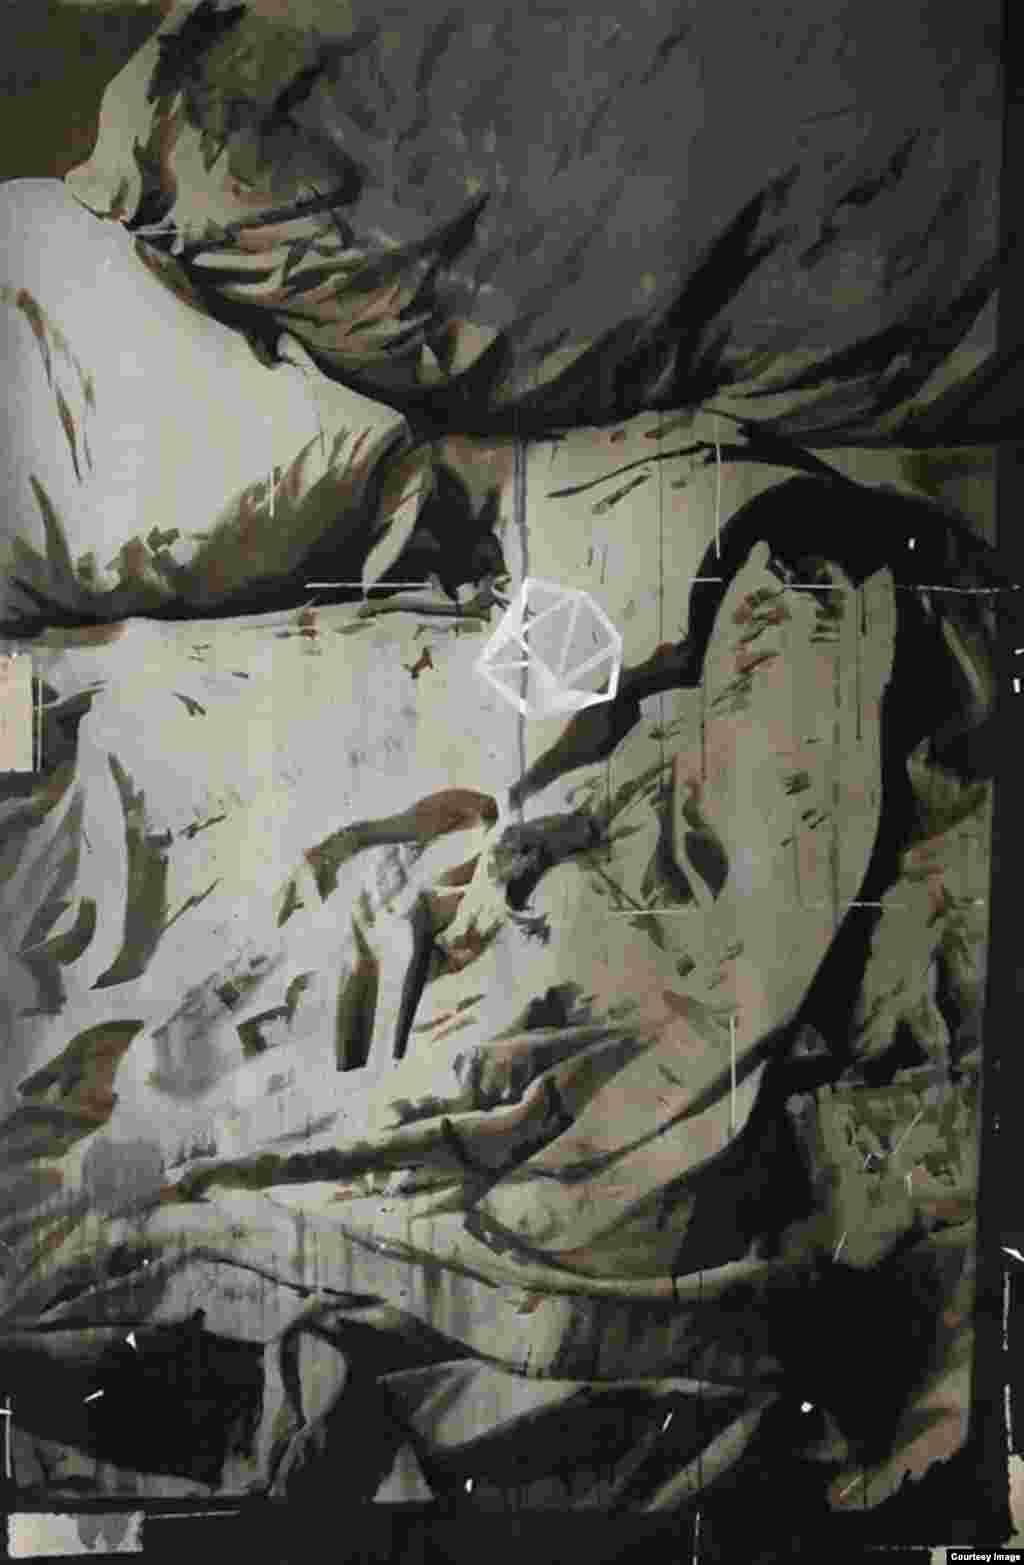 გაზიარებული ინტიმურობების სერიიდან, 2014 წელი. აკრილი ტილოზე.